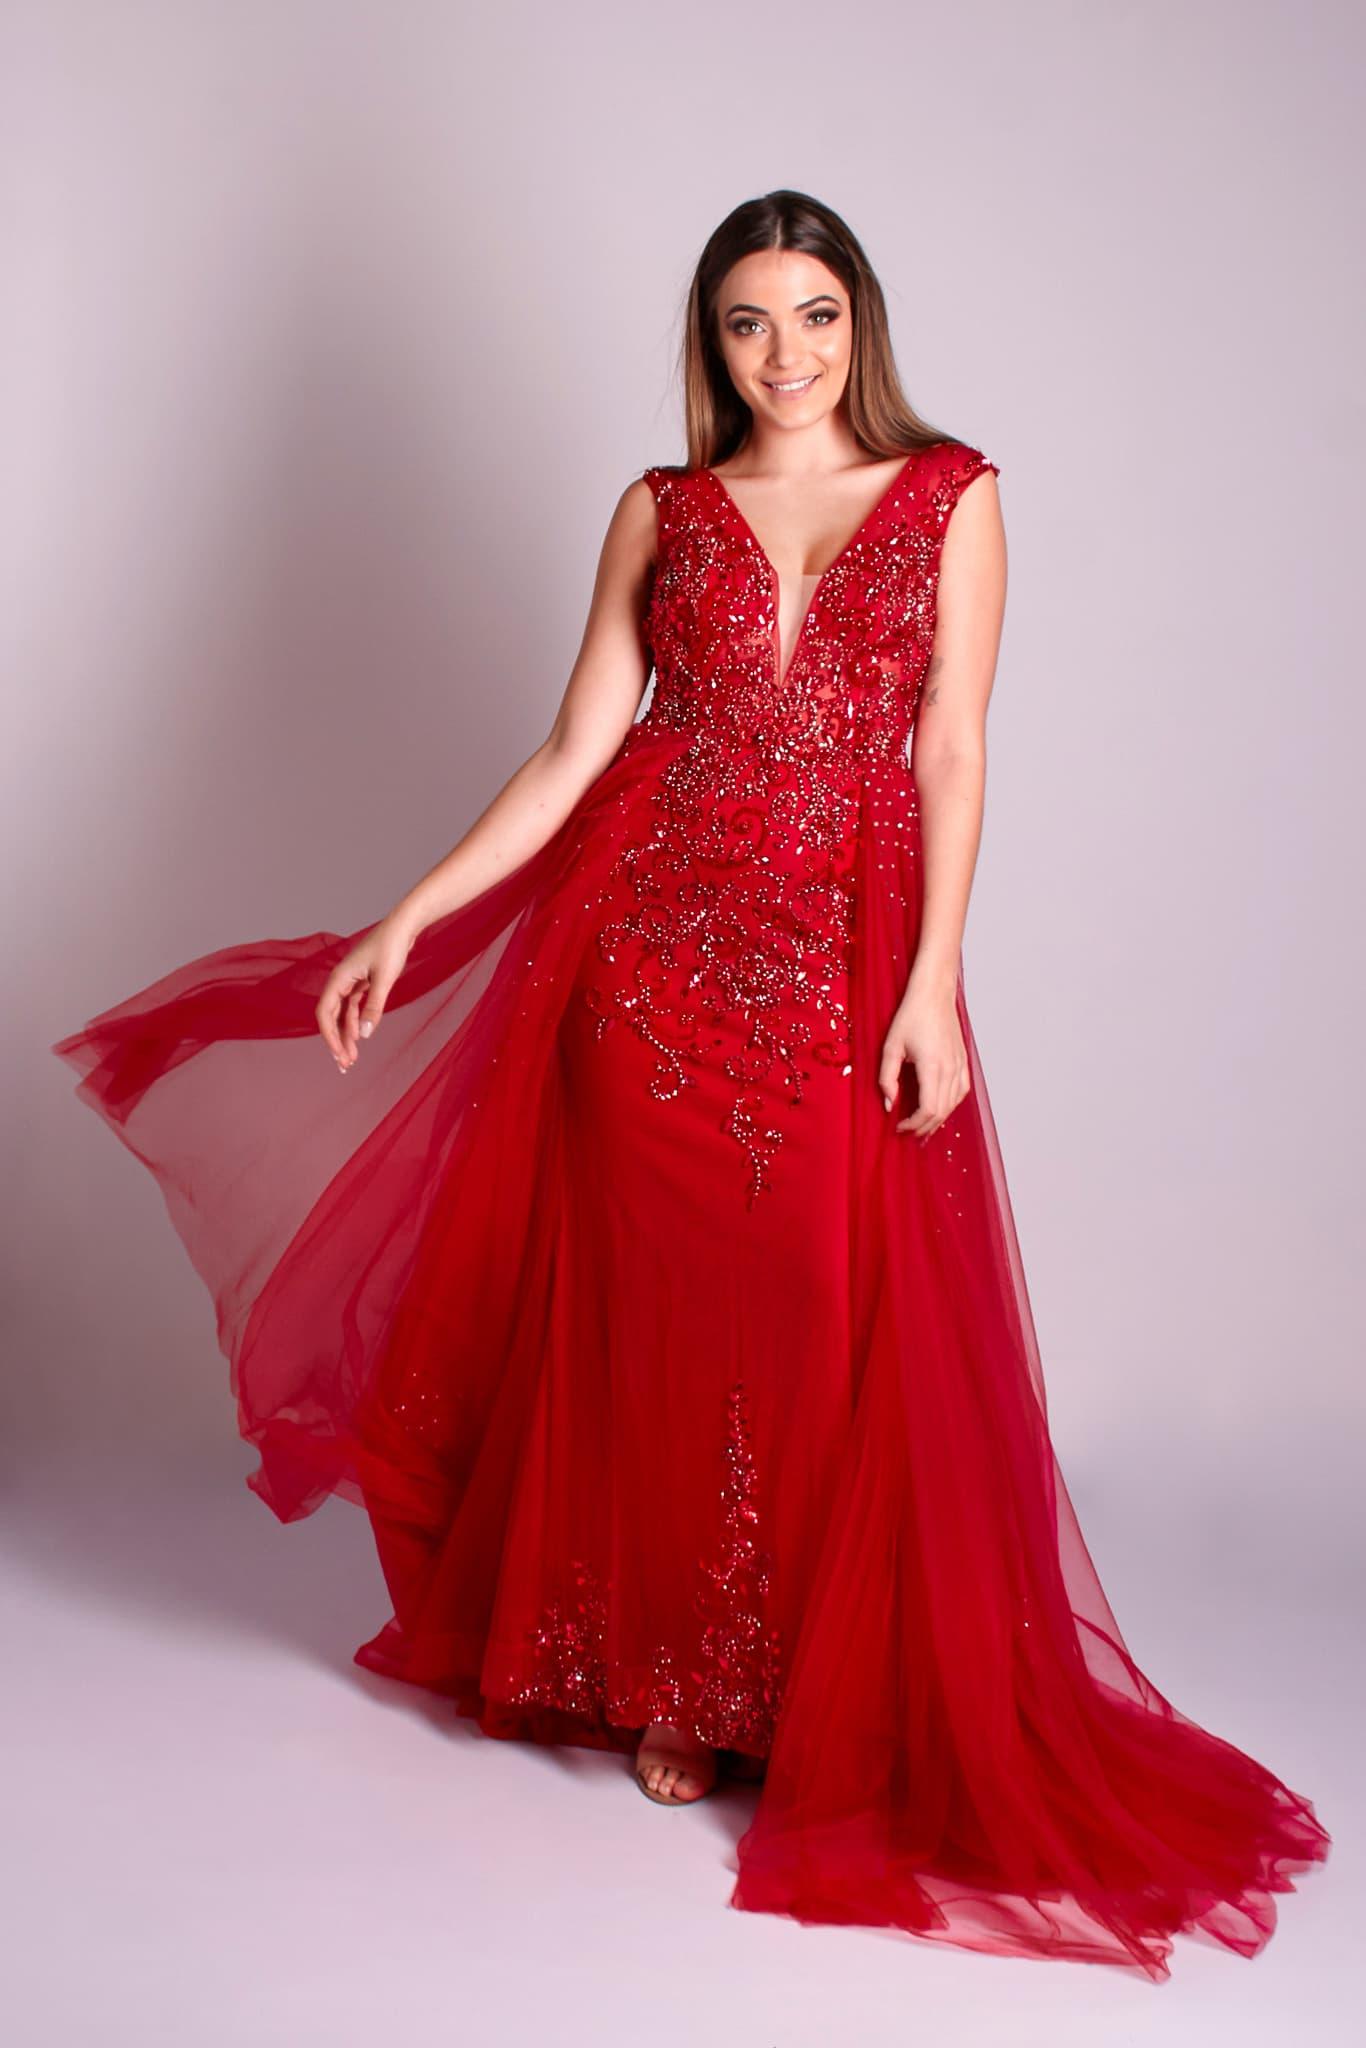 85 - Vestido vermelho sereia bordado em pedrarias com sobressaia de tule